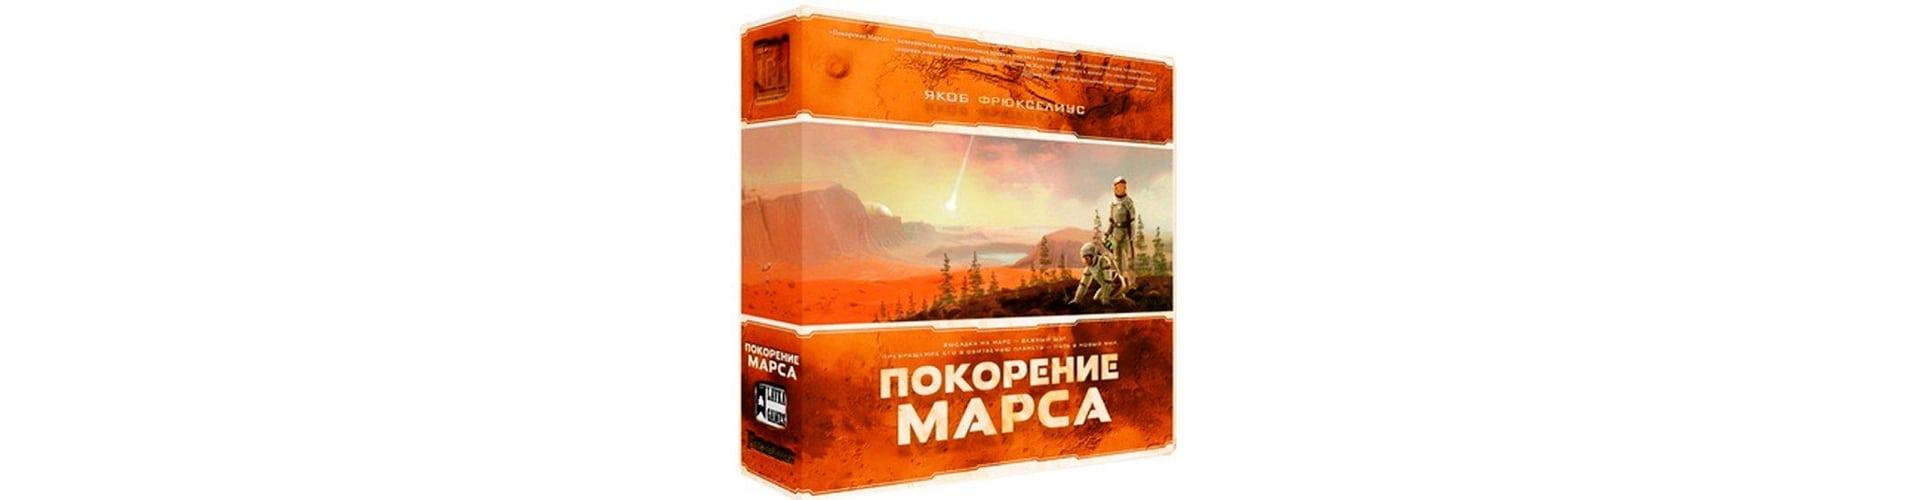 Покорение Марса (Terraforming Mars) - обзор игры.